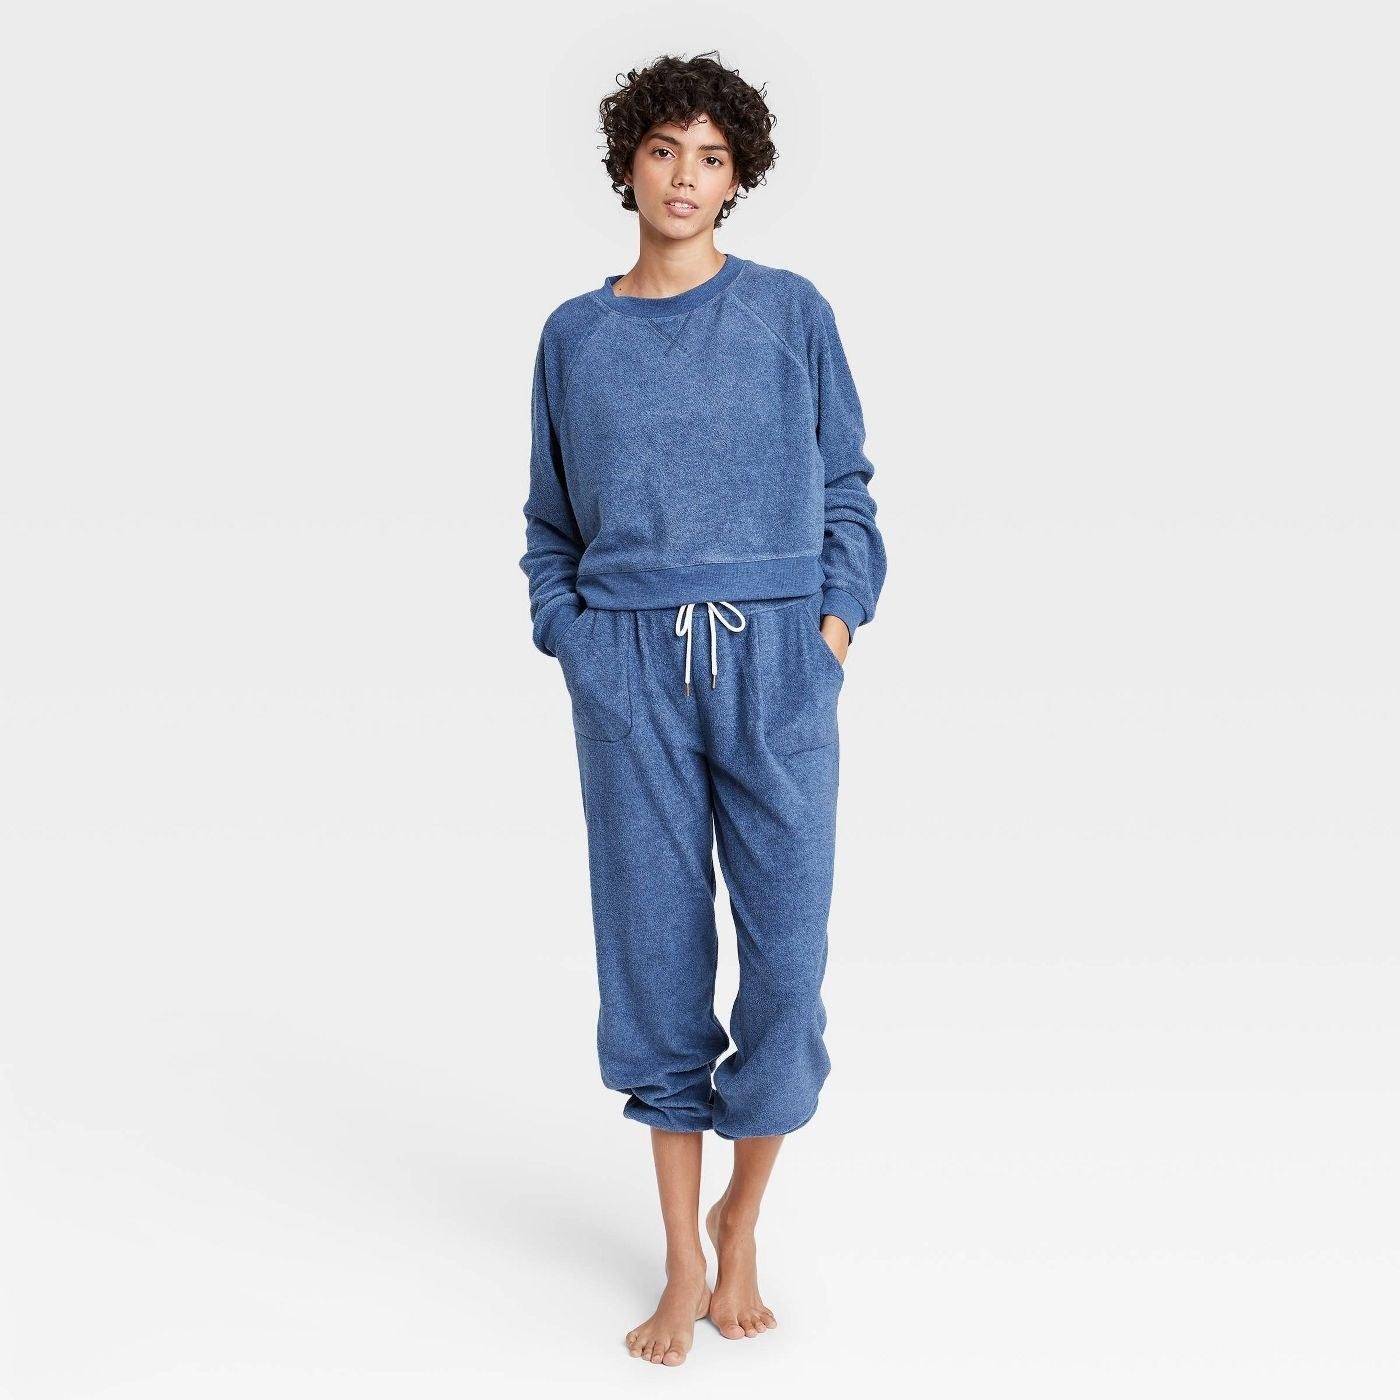 Model in fleece sweatshirt